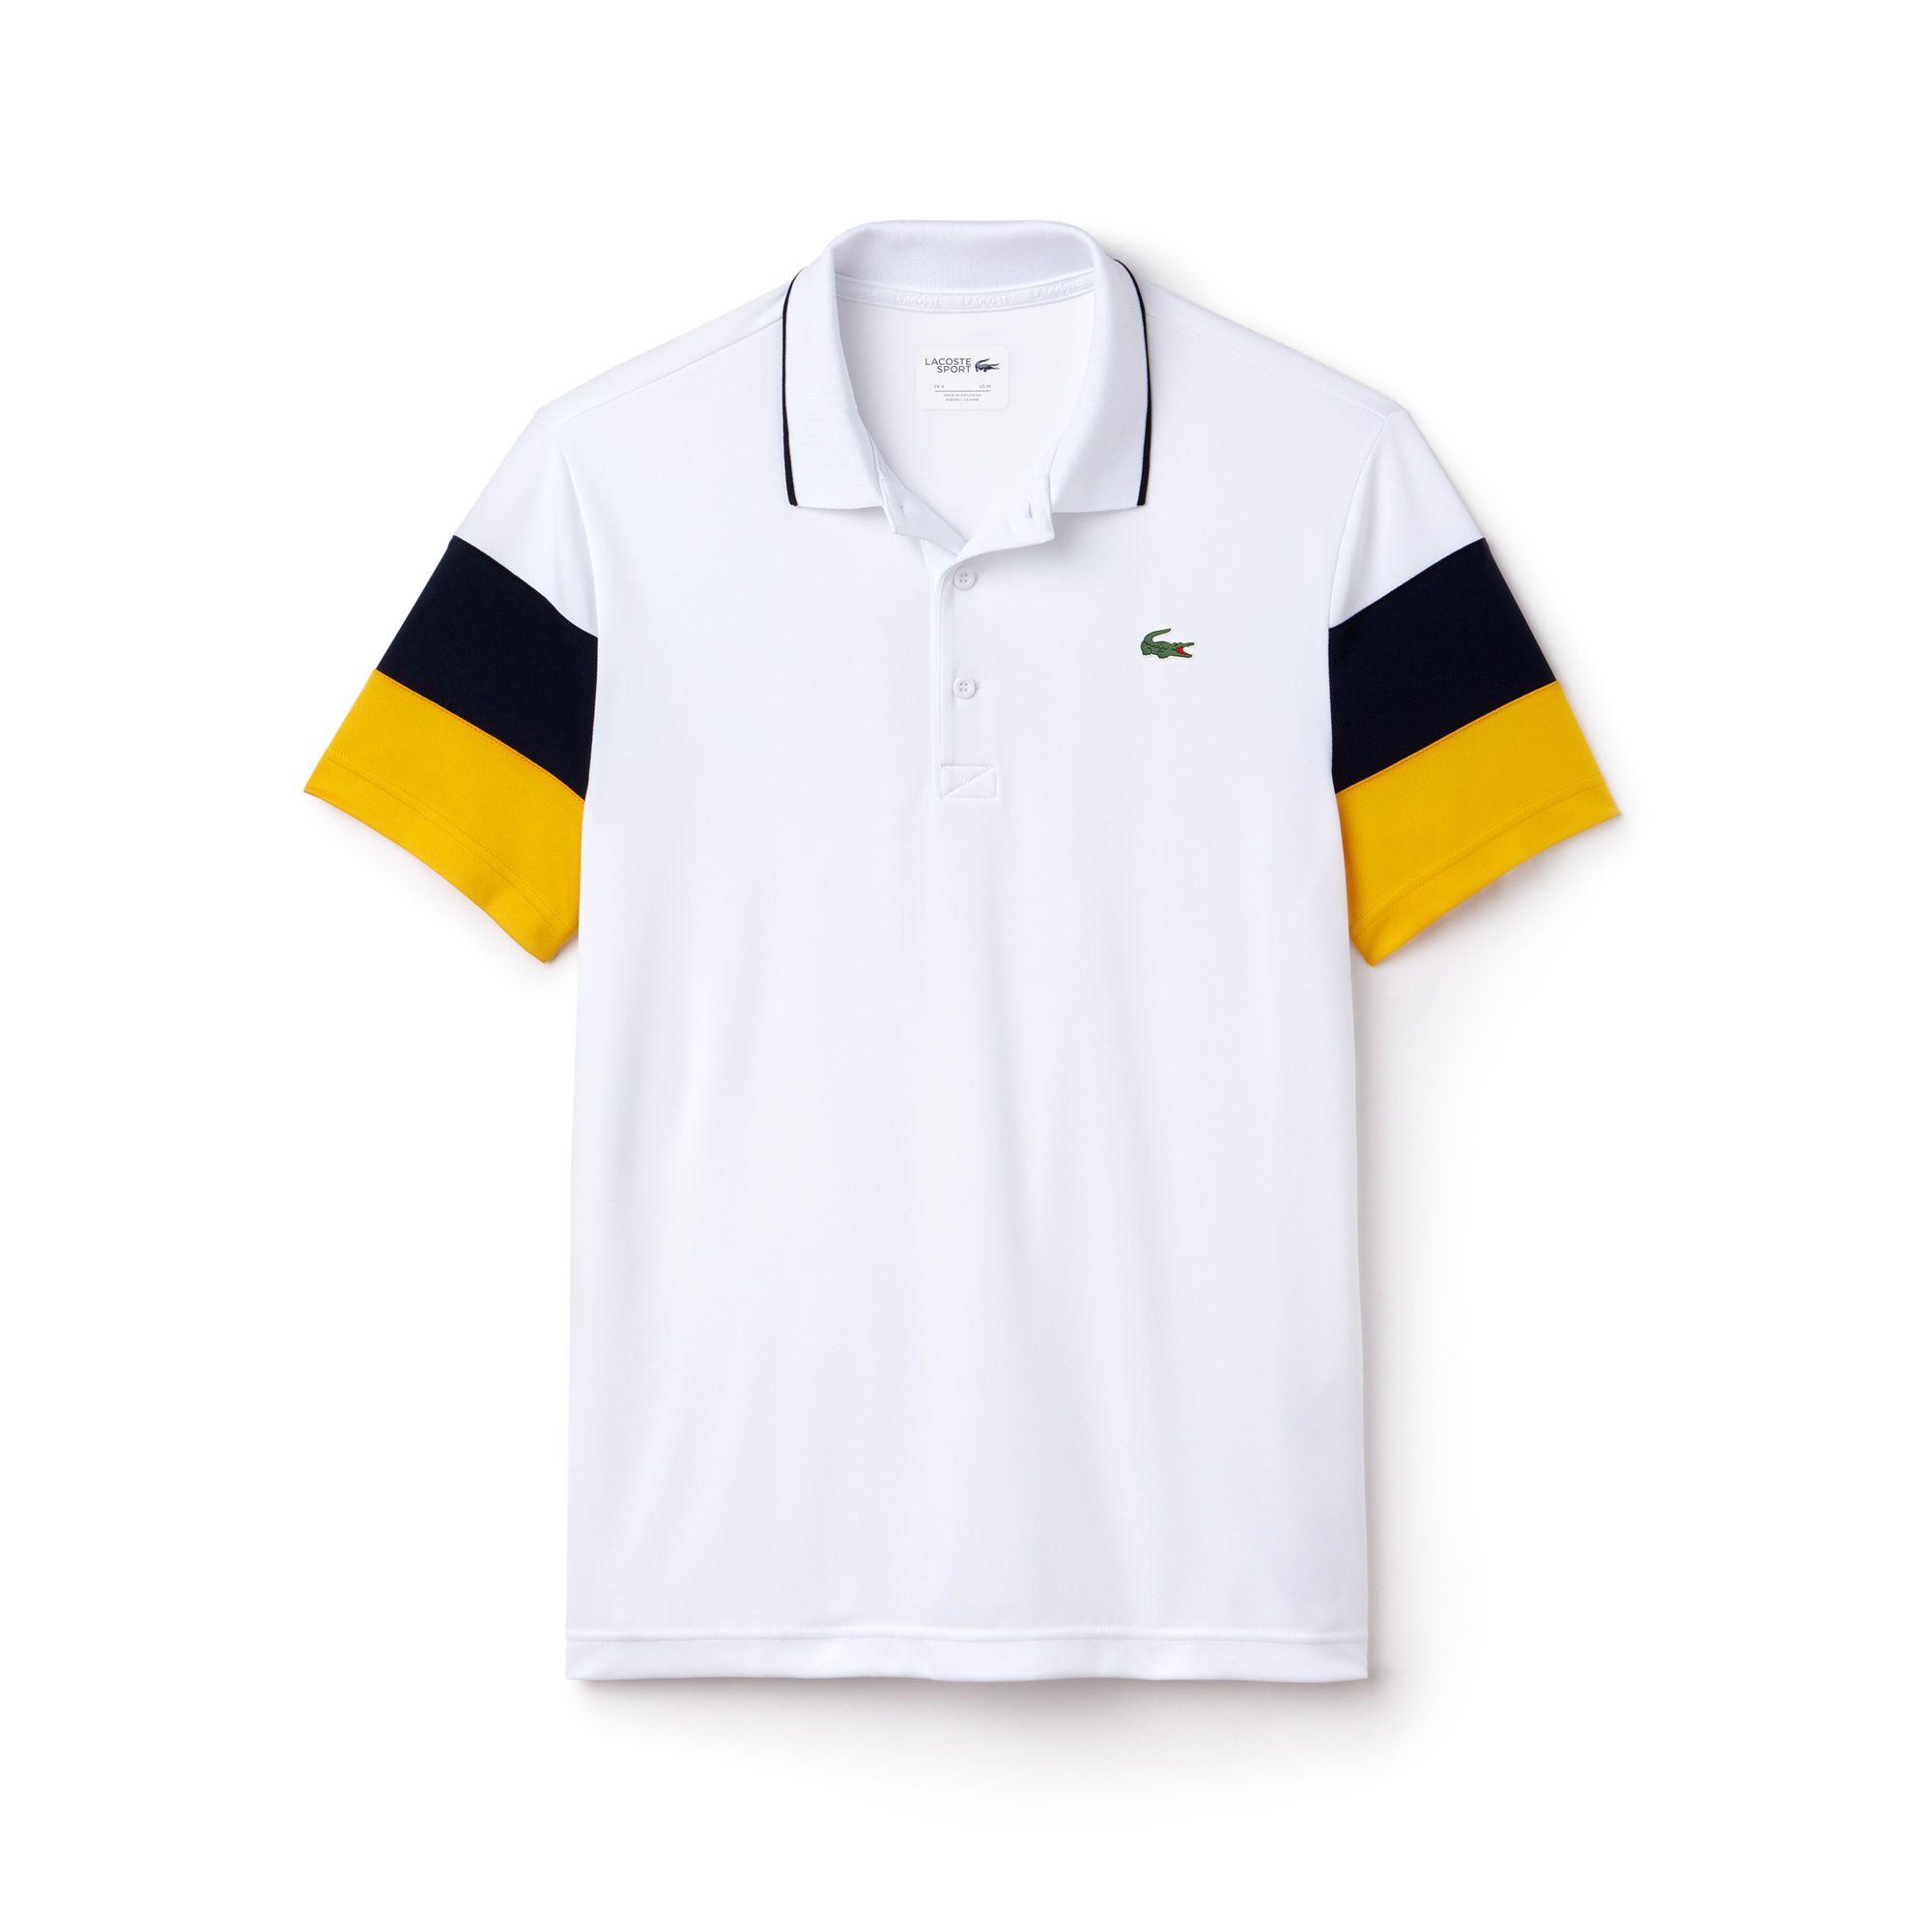 b70c38234c Men's Lacoste SPORT Colorblock Sleeves Technical Piqué Polo Shirt | LACOSTE